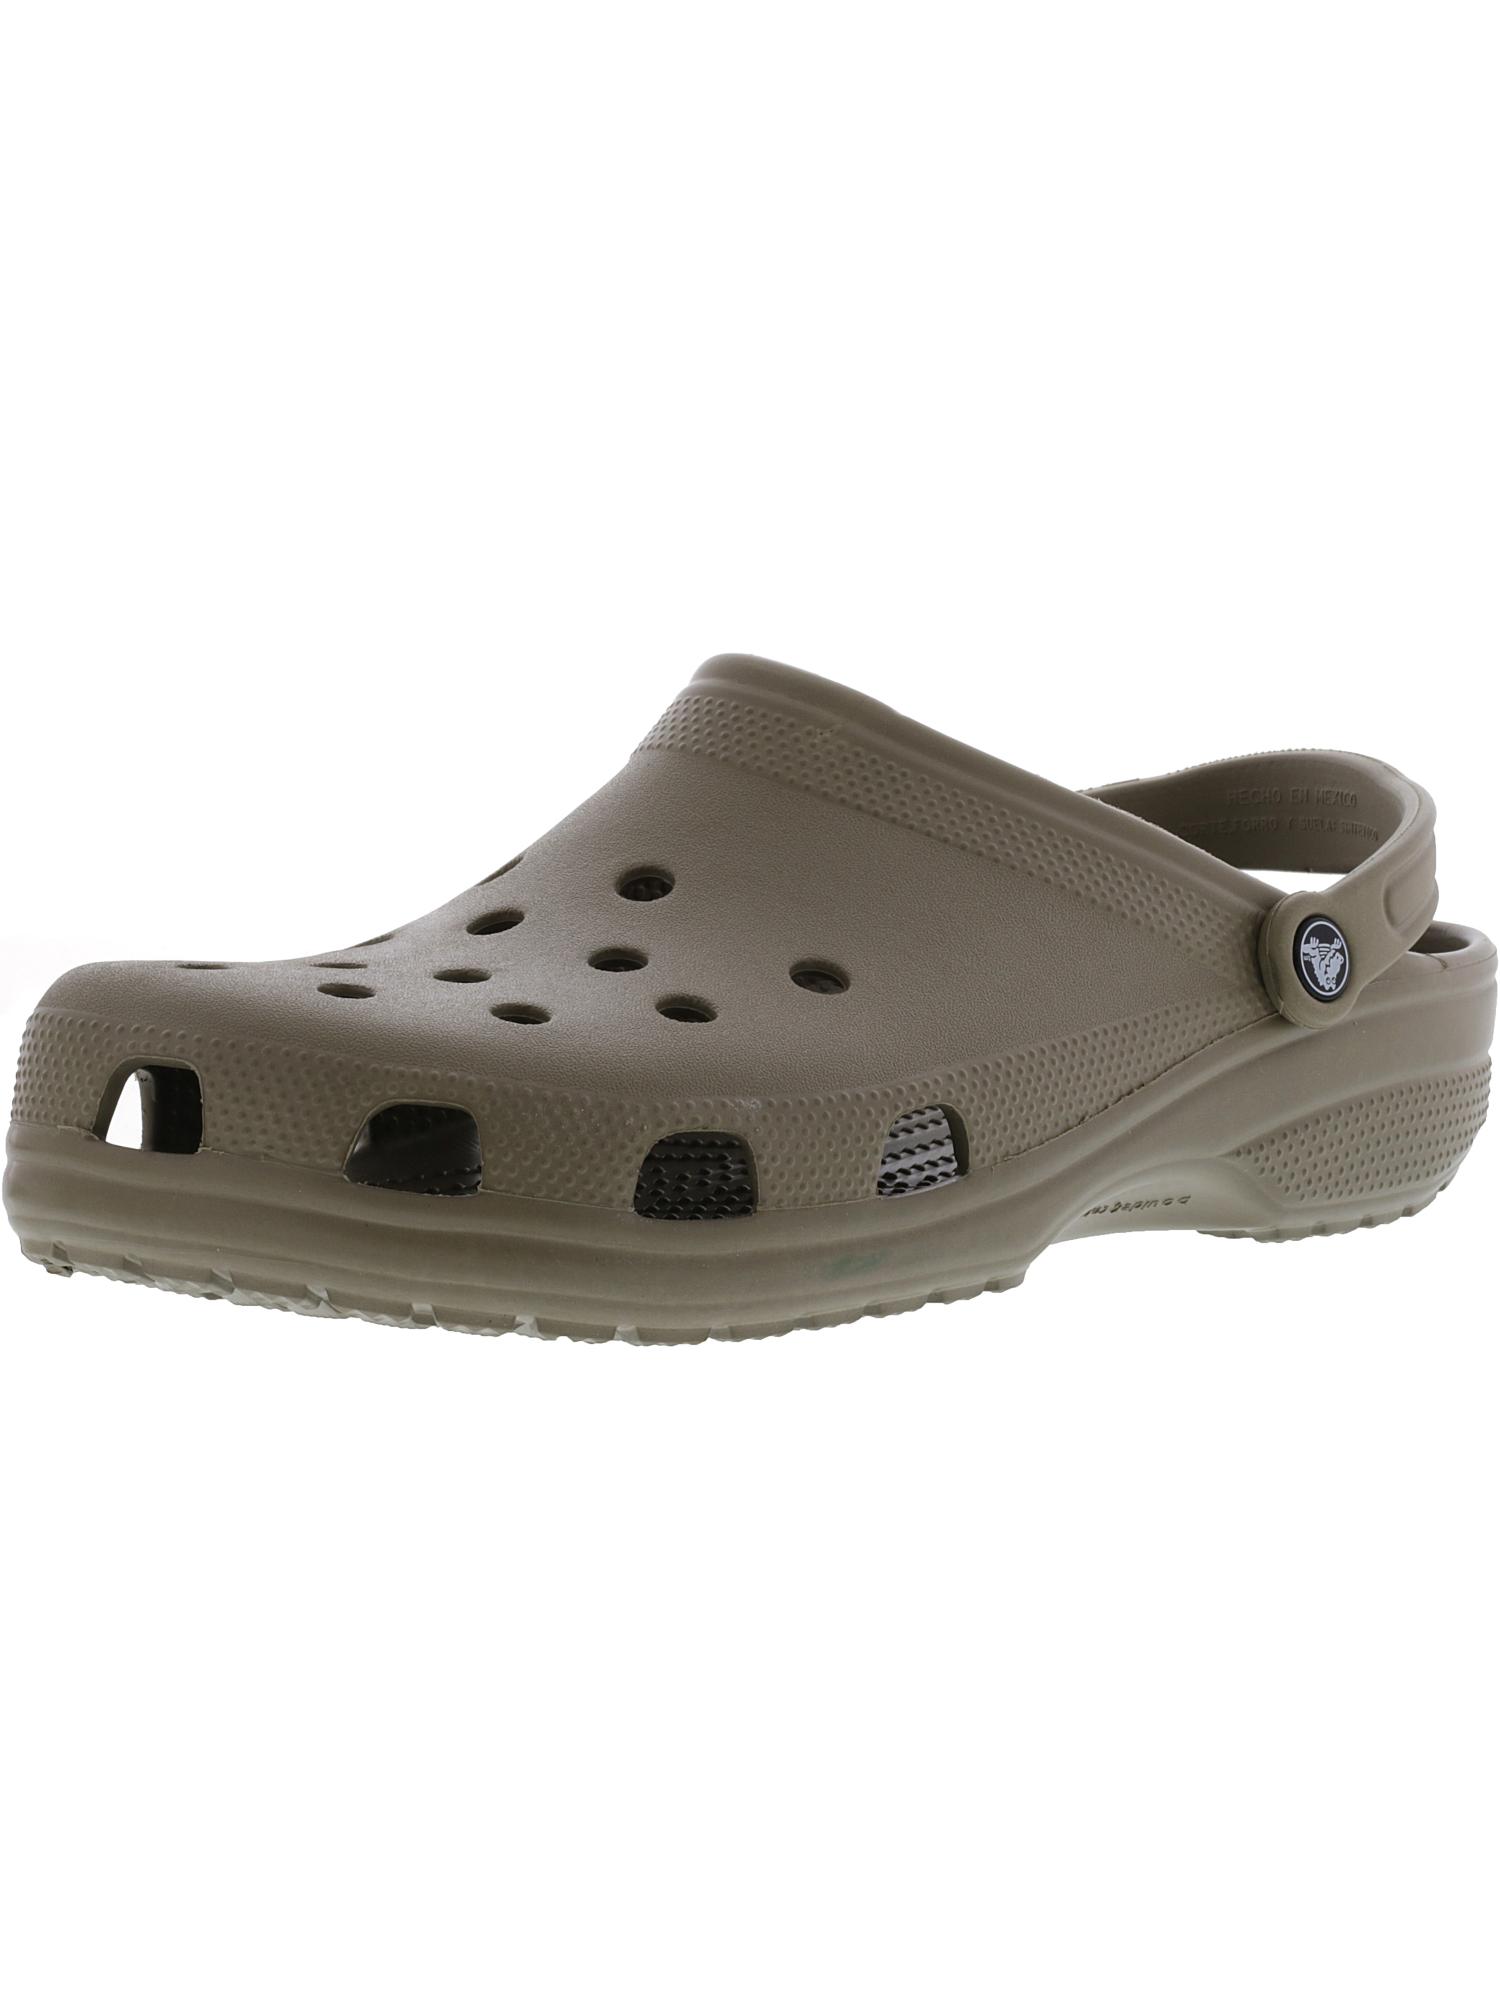 Crocs-Classic-Clog-Ltd-Clogs thumbnail 21